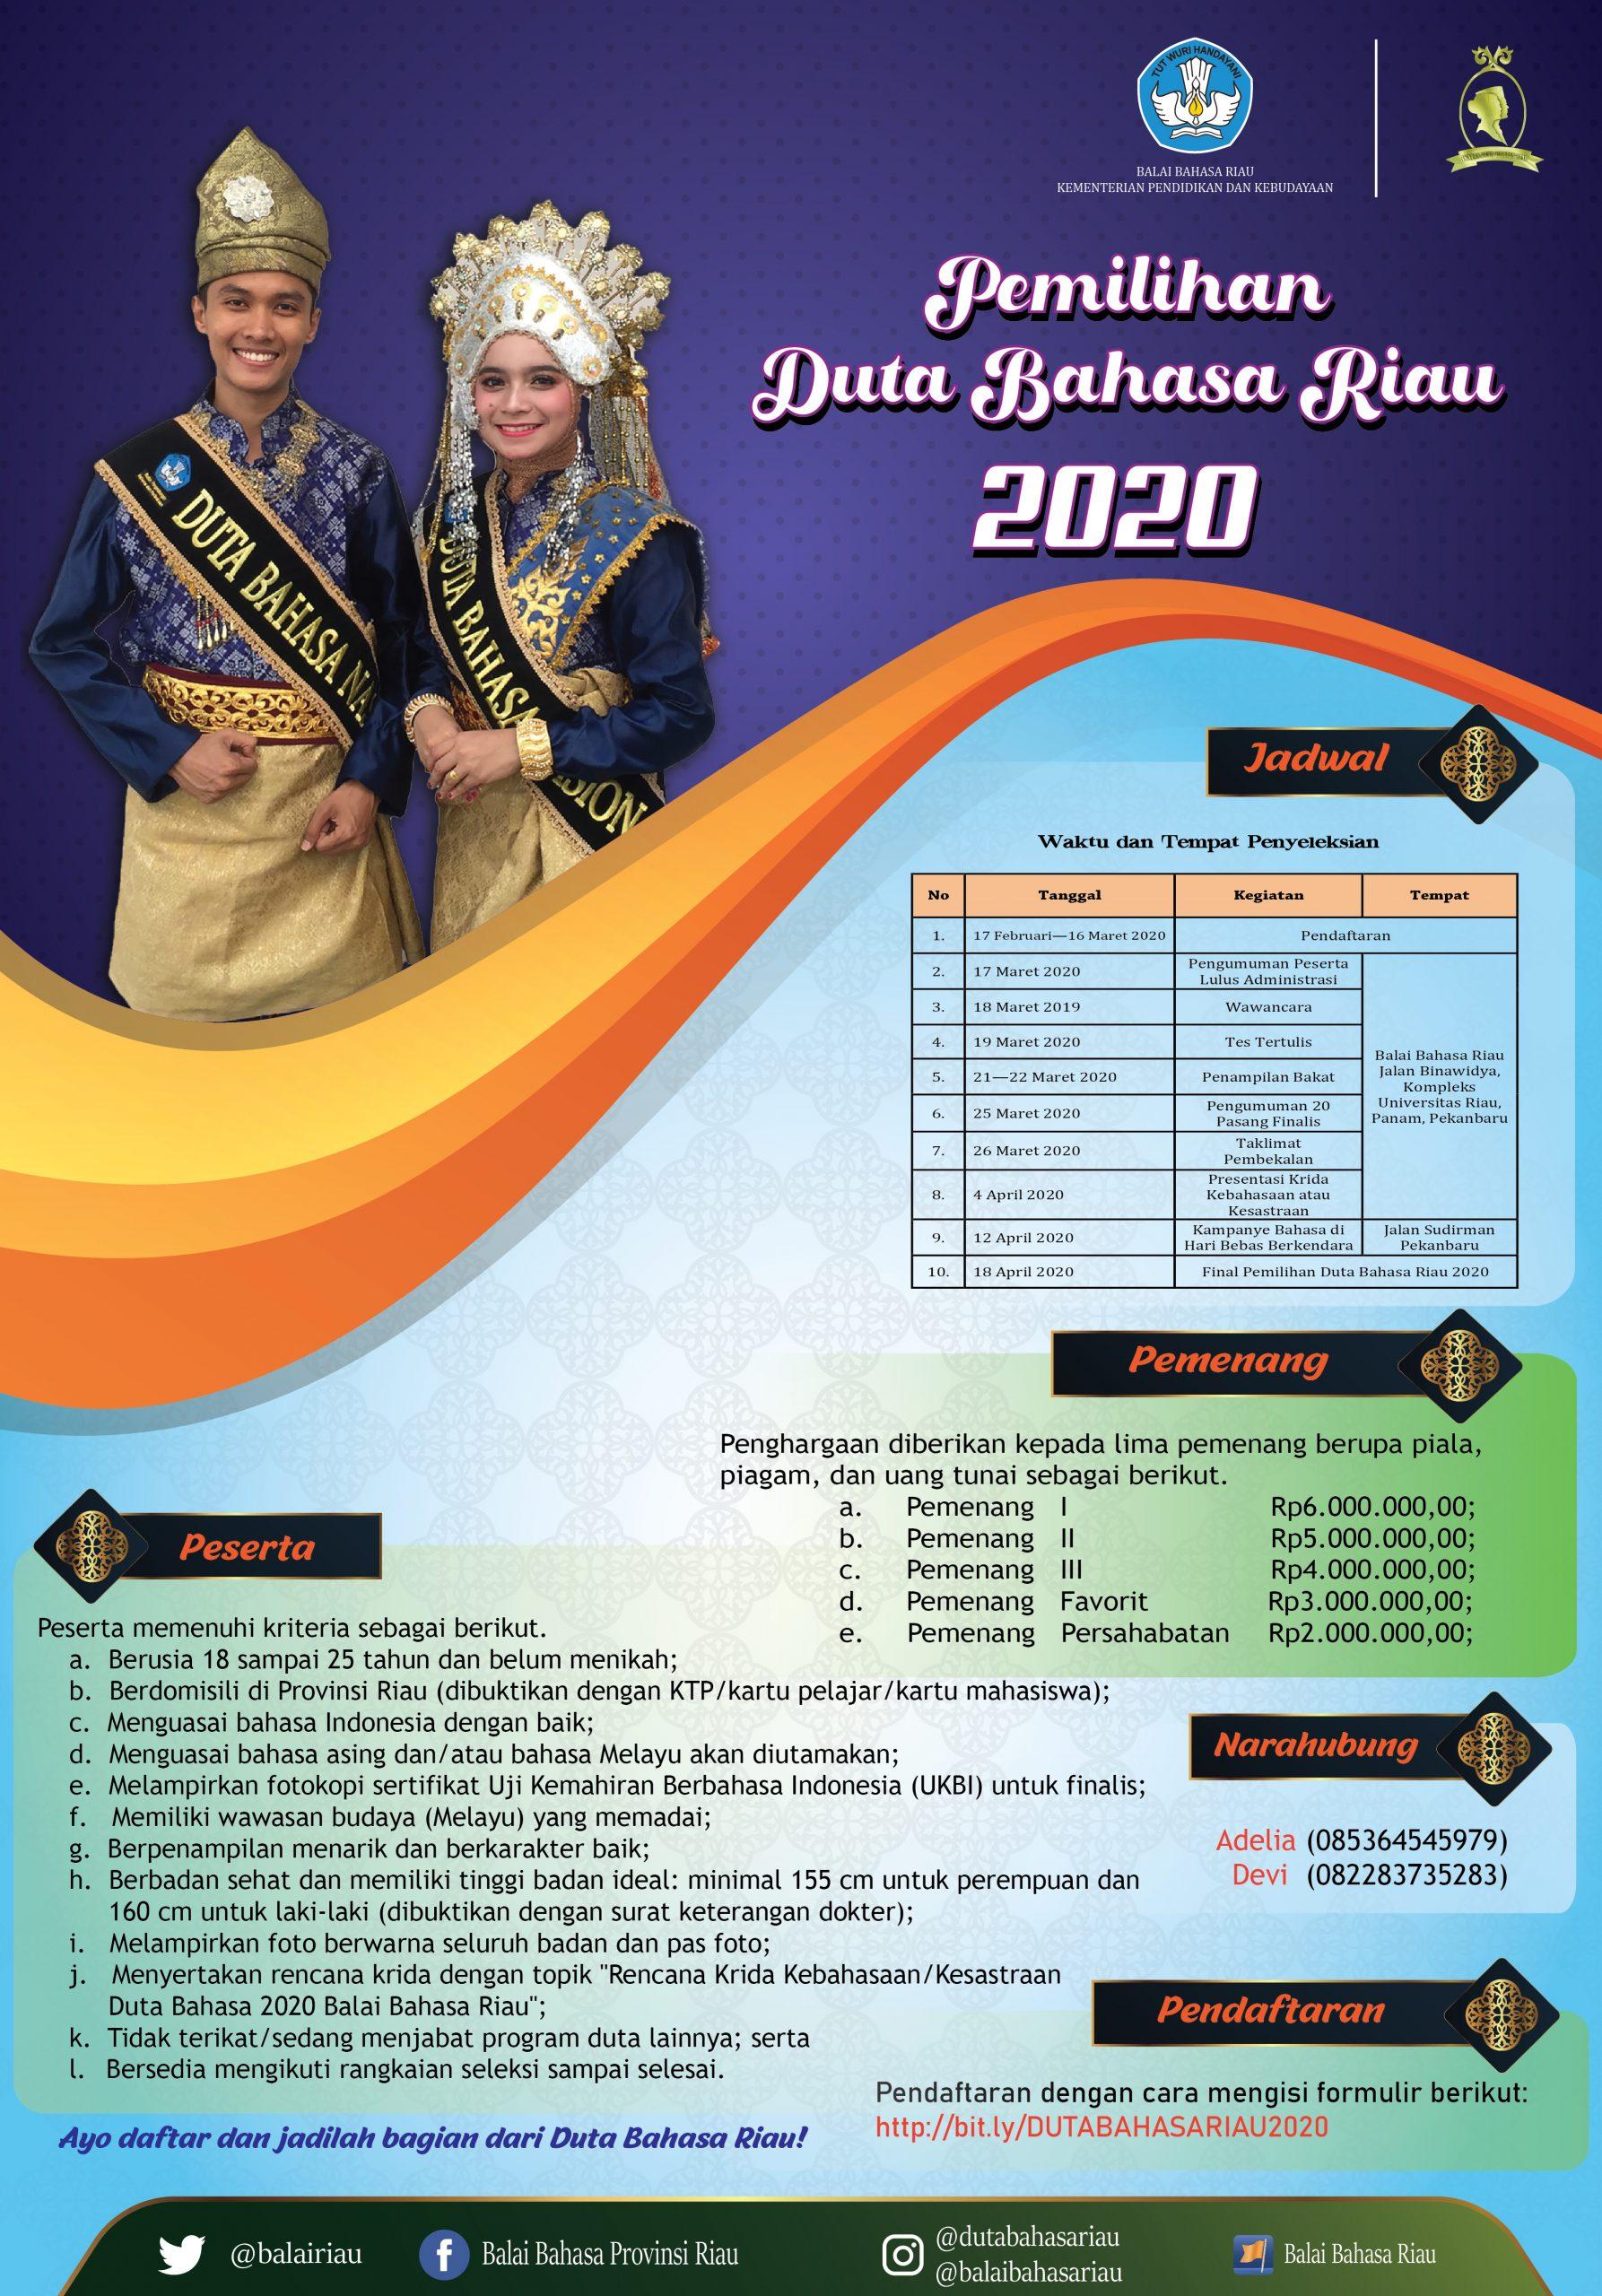 Pemilihan Duta Bahasa Riau 2020